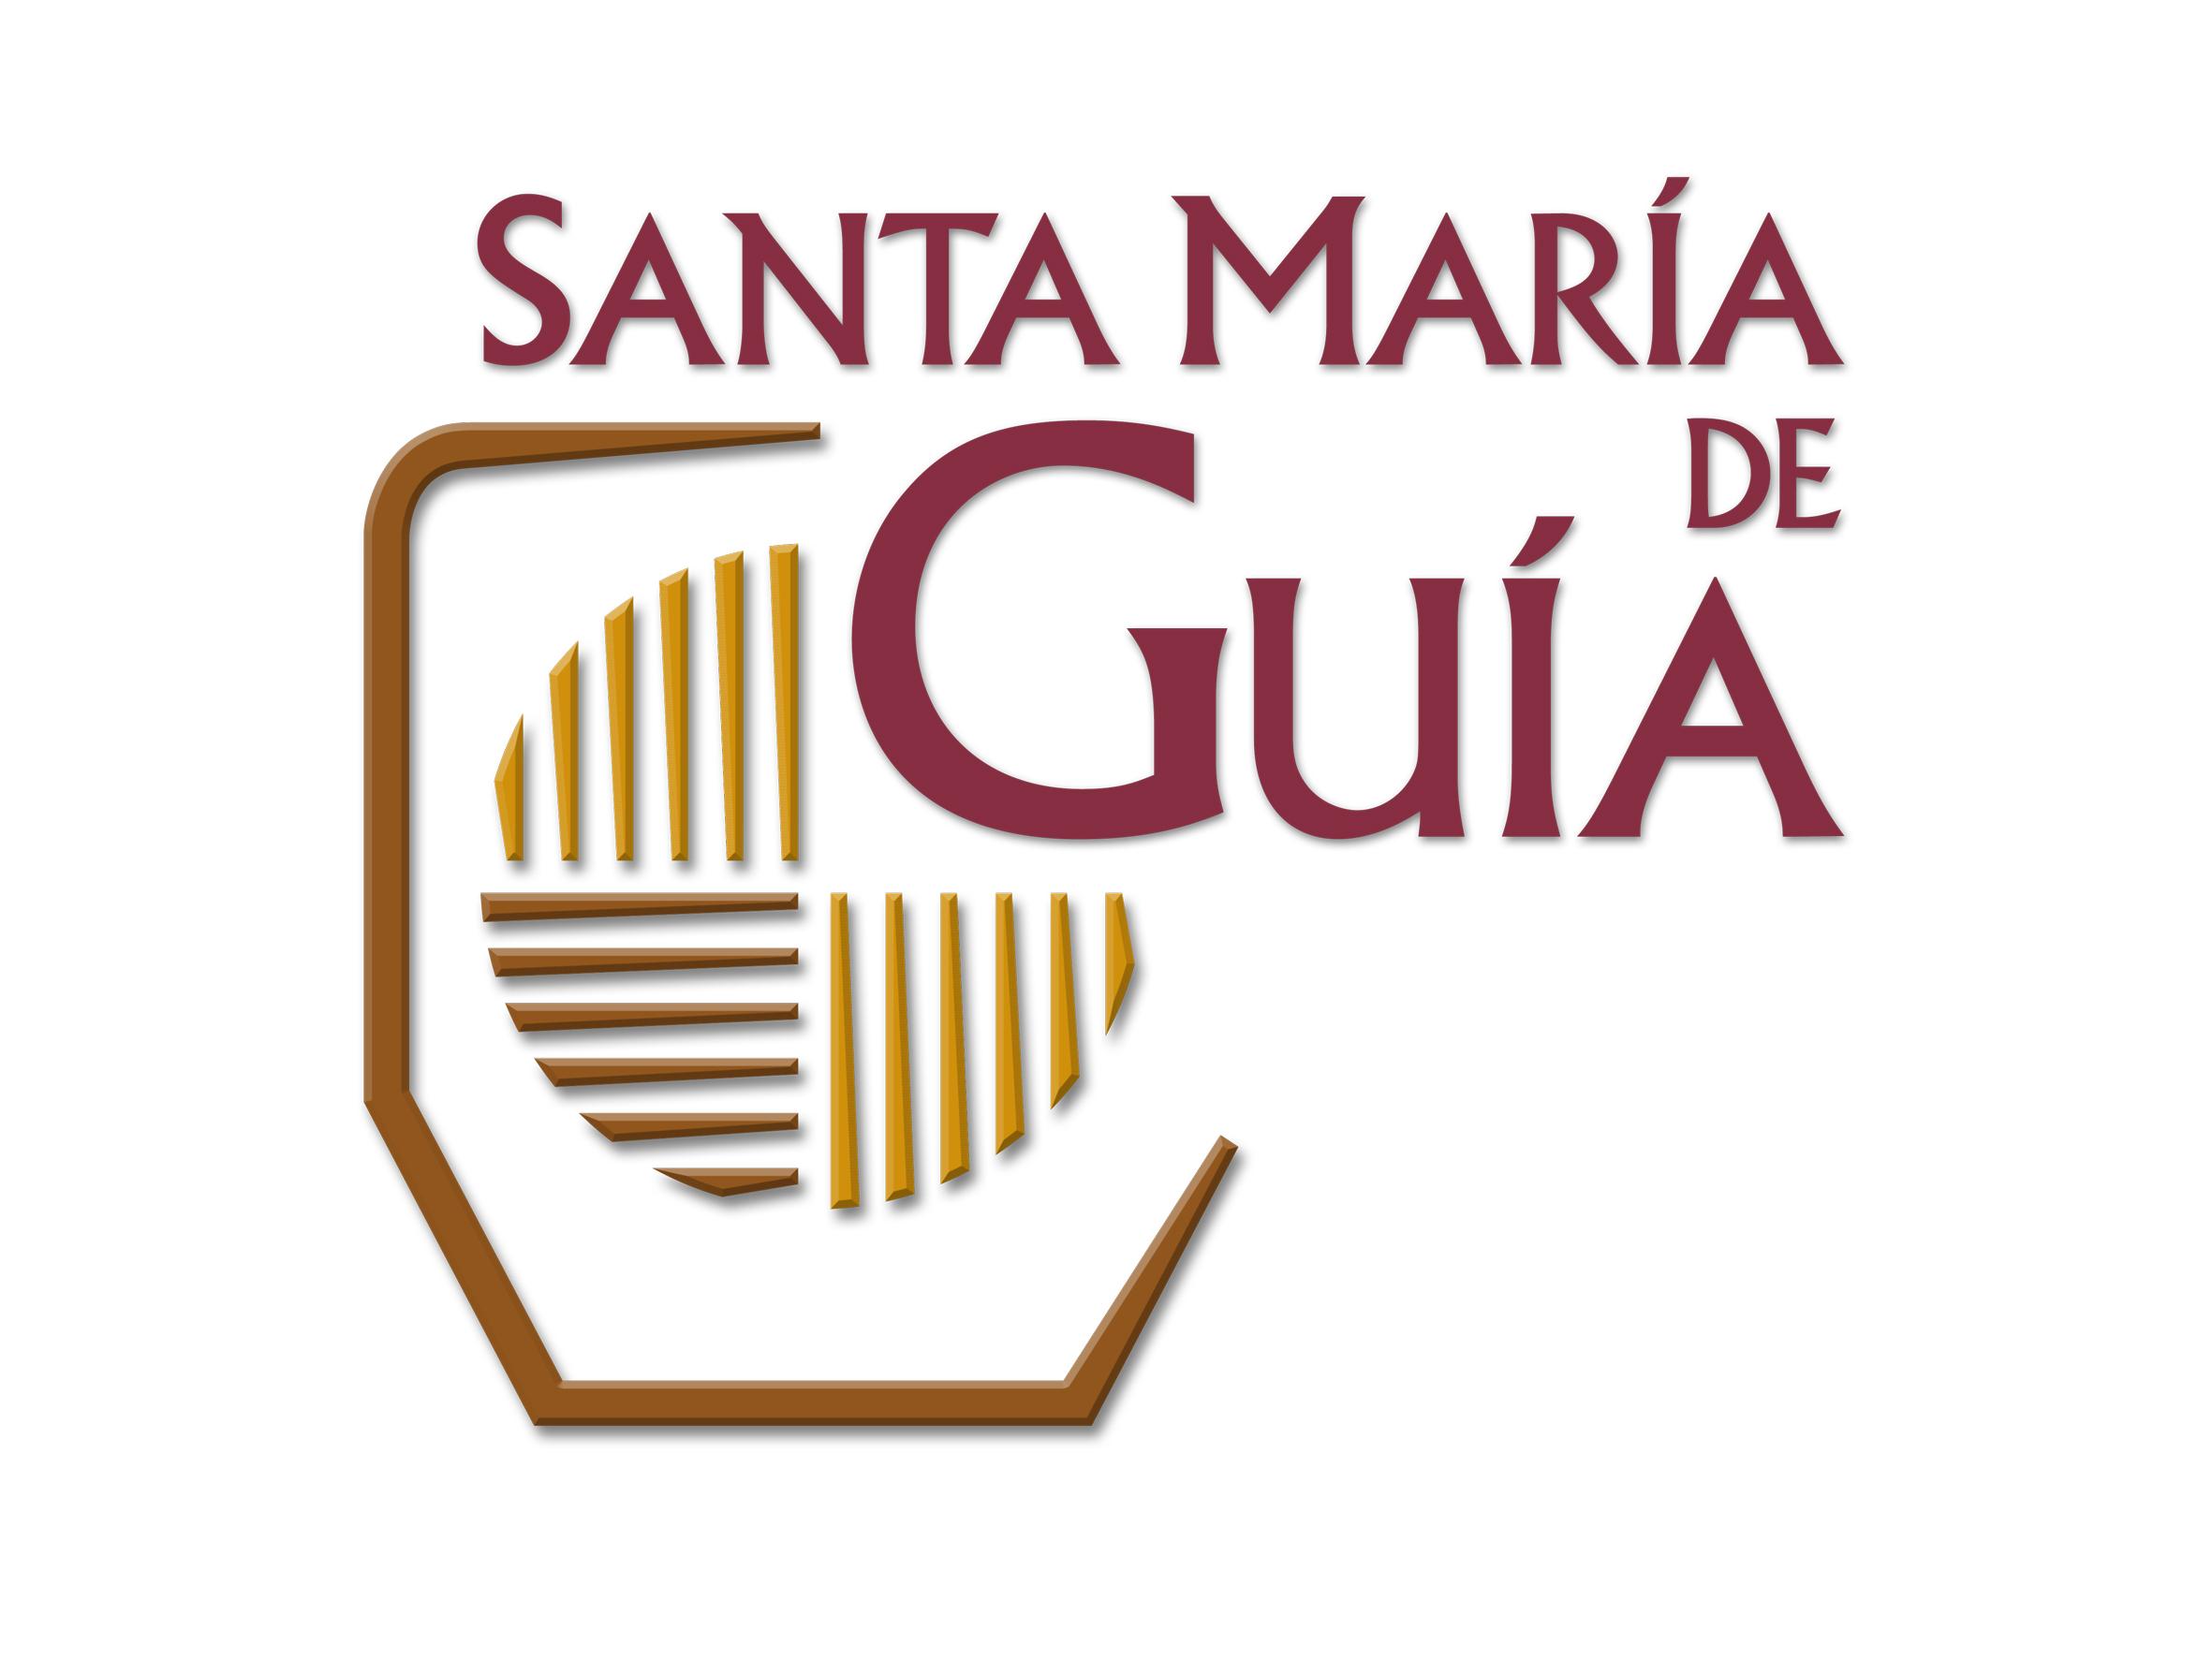 Tivity Company presta servicios de actividades al Ayuntamiento de Santa María de Guía